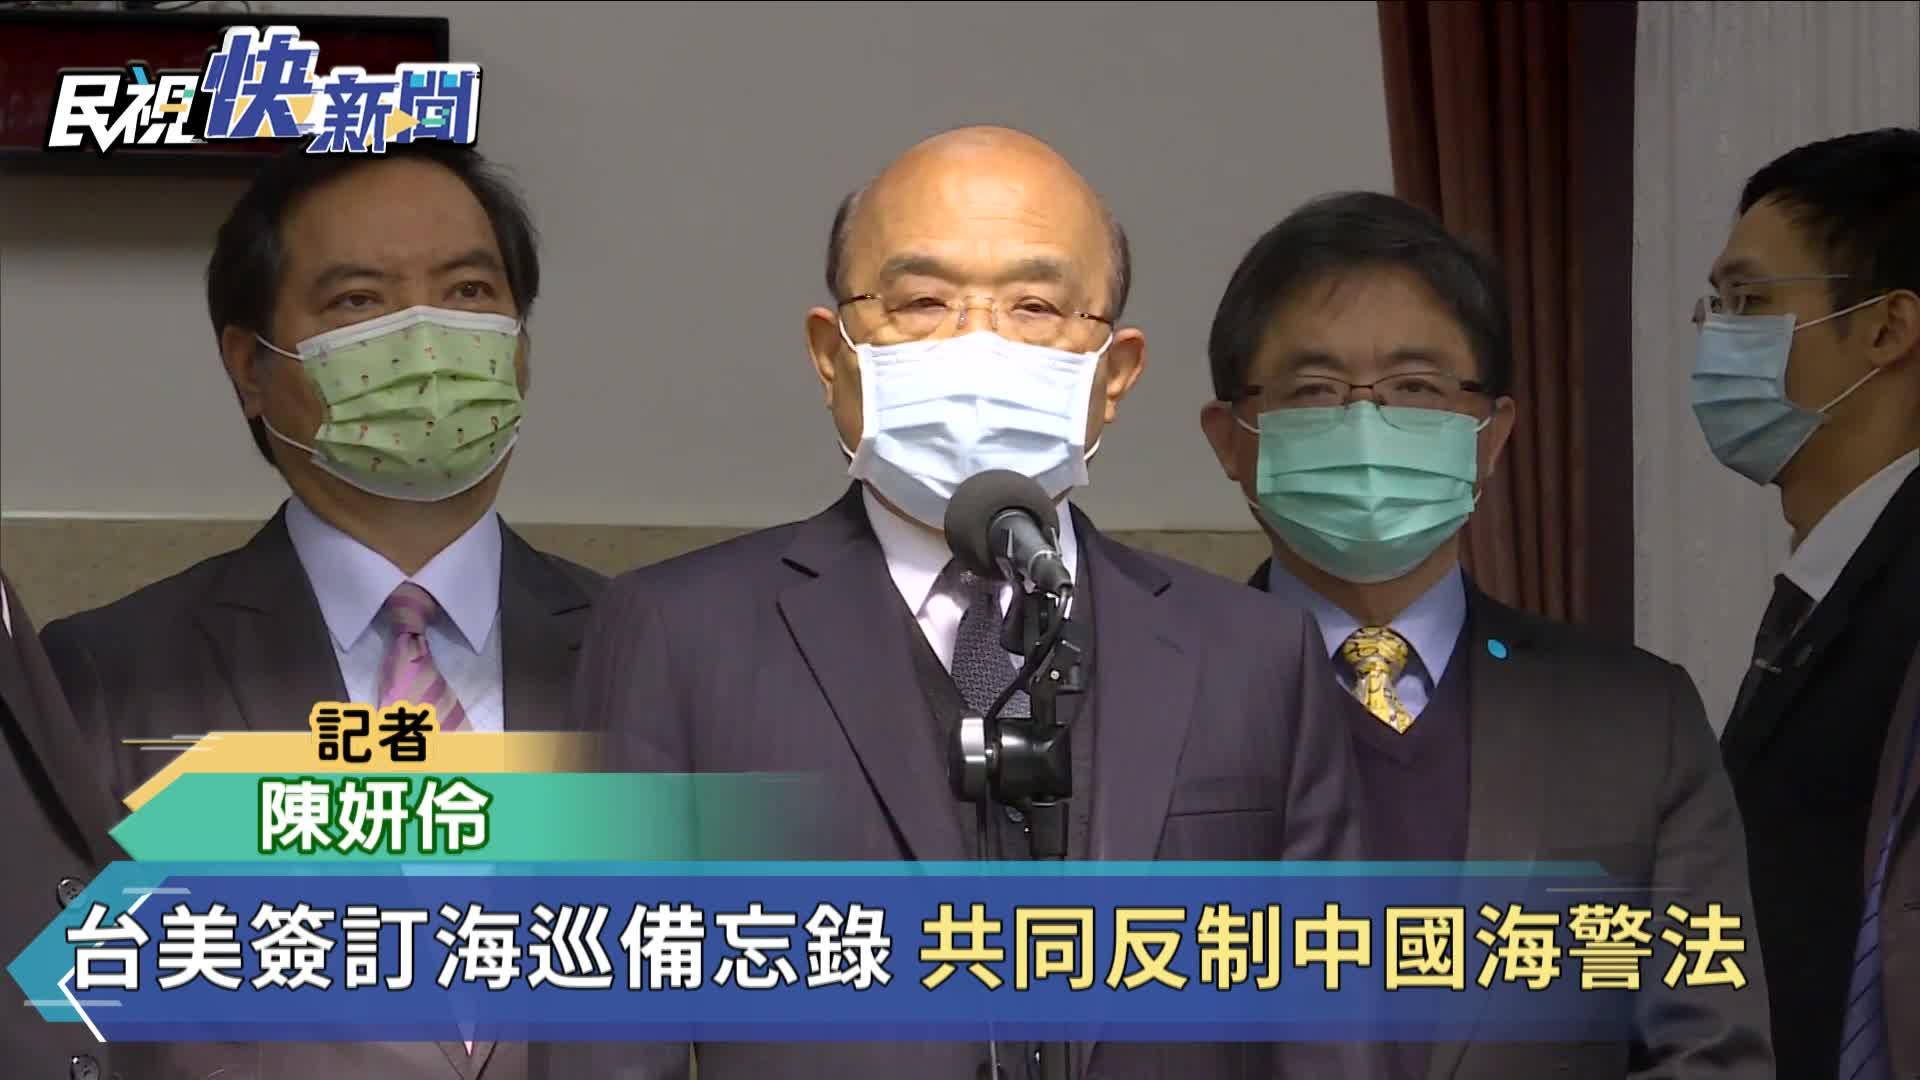 快新聞/台美首份備忘錄成立「海巡工作小組」 蘇貞昌:中國不要加深區域和平緊張